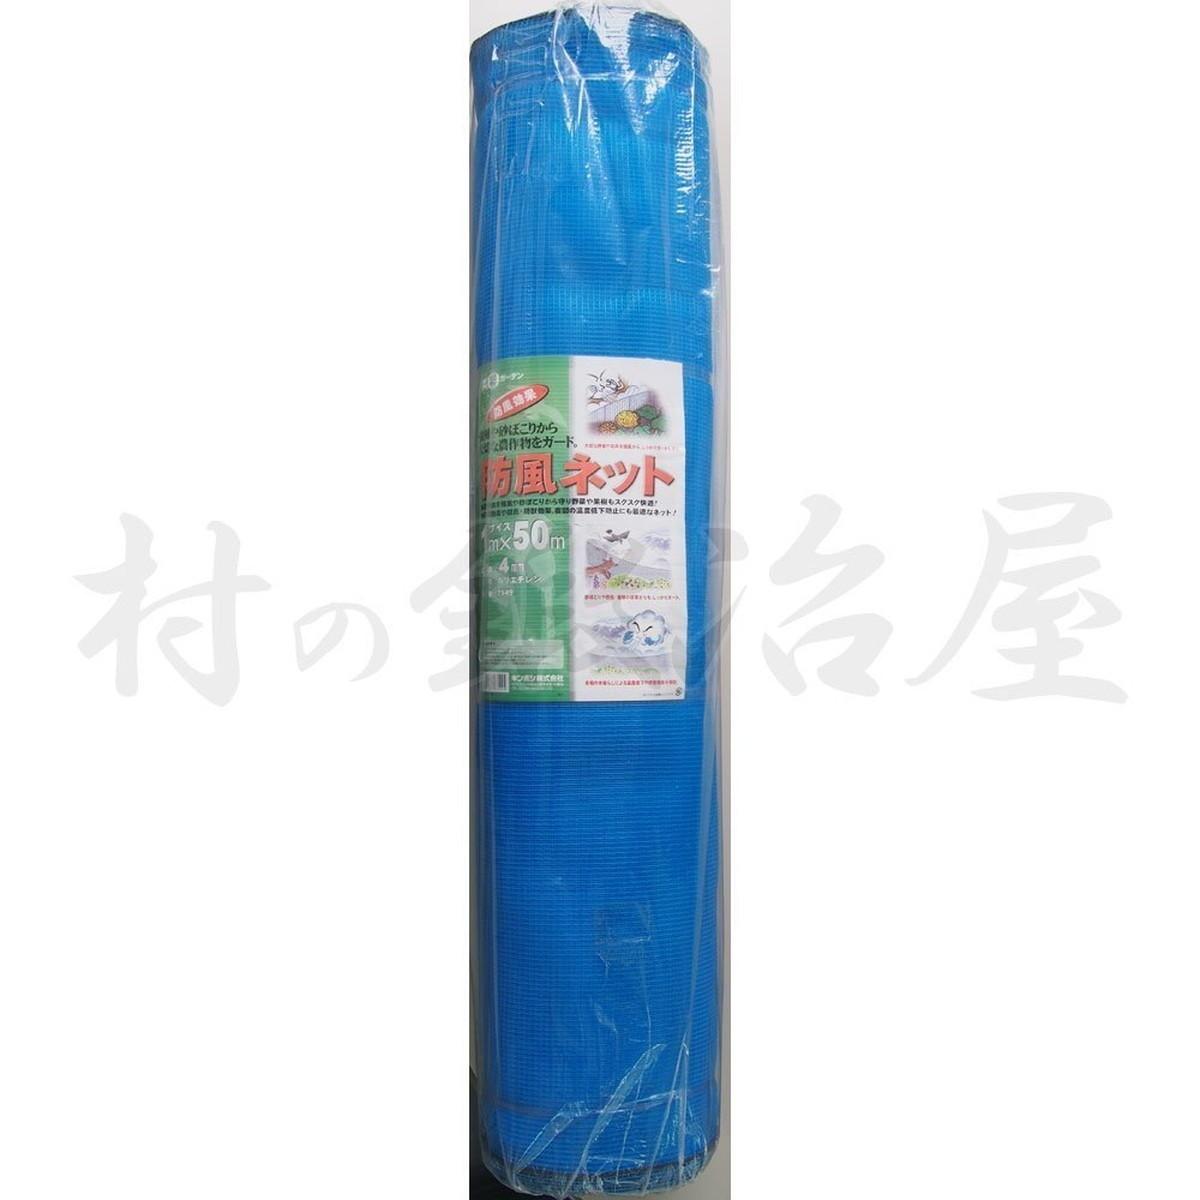 【メーカー欠品中】シンセイ 防風ネット(青)4mm目 3m×50m